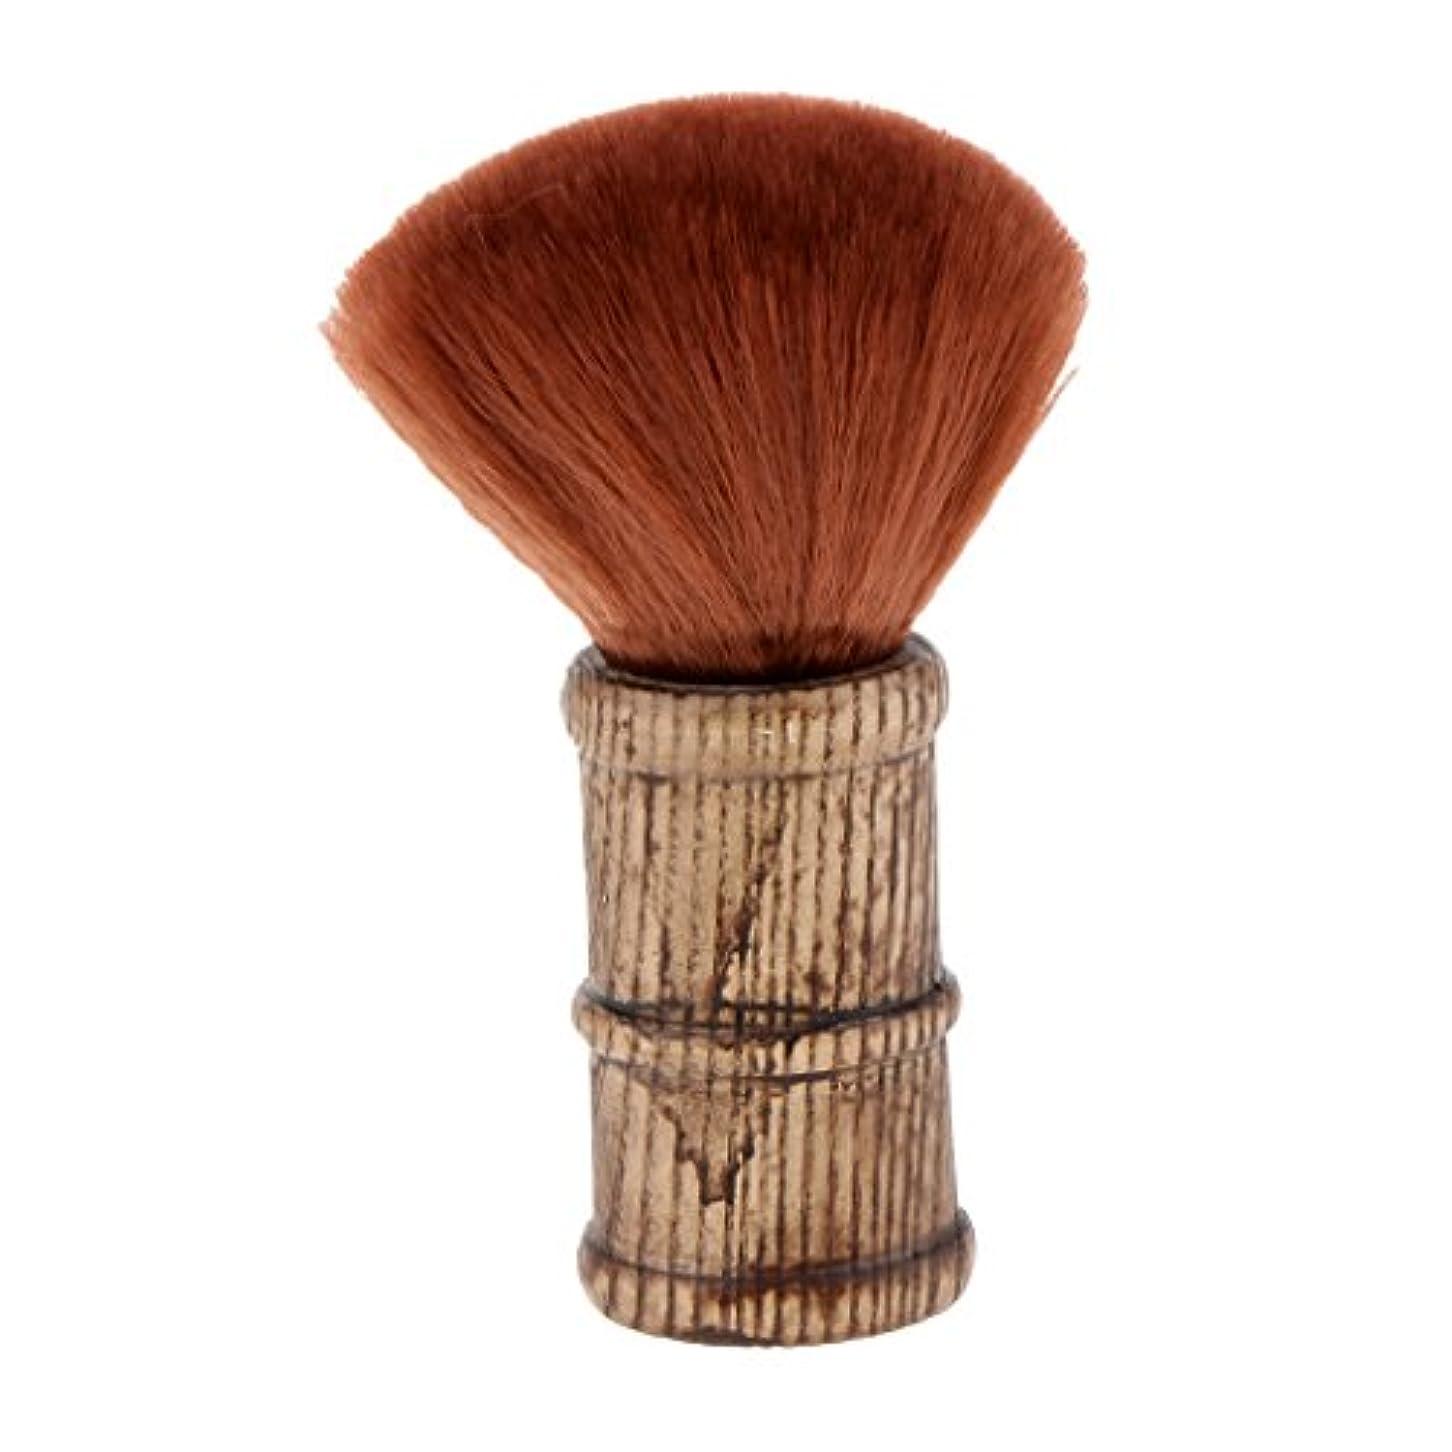 ヘアカット 散髪 クリーニングヘアブラシ ネックダスターブラシ ヘアスイープブラシ 2色選べる - 褐色